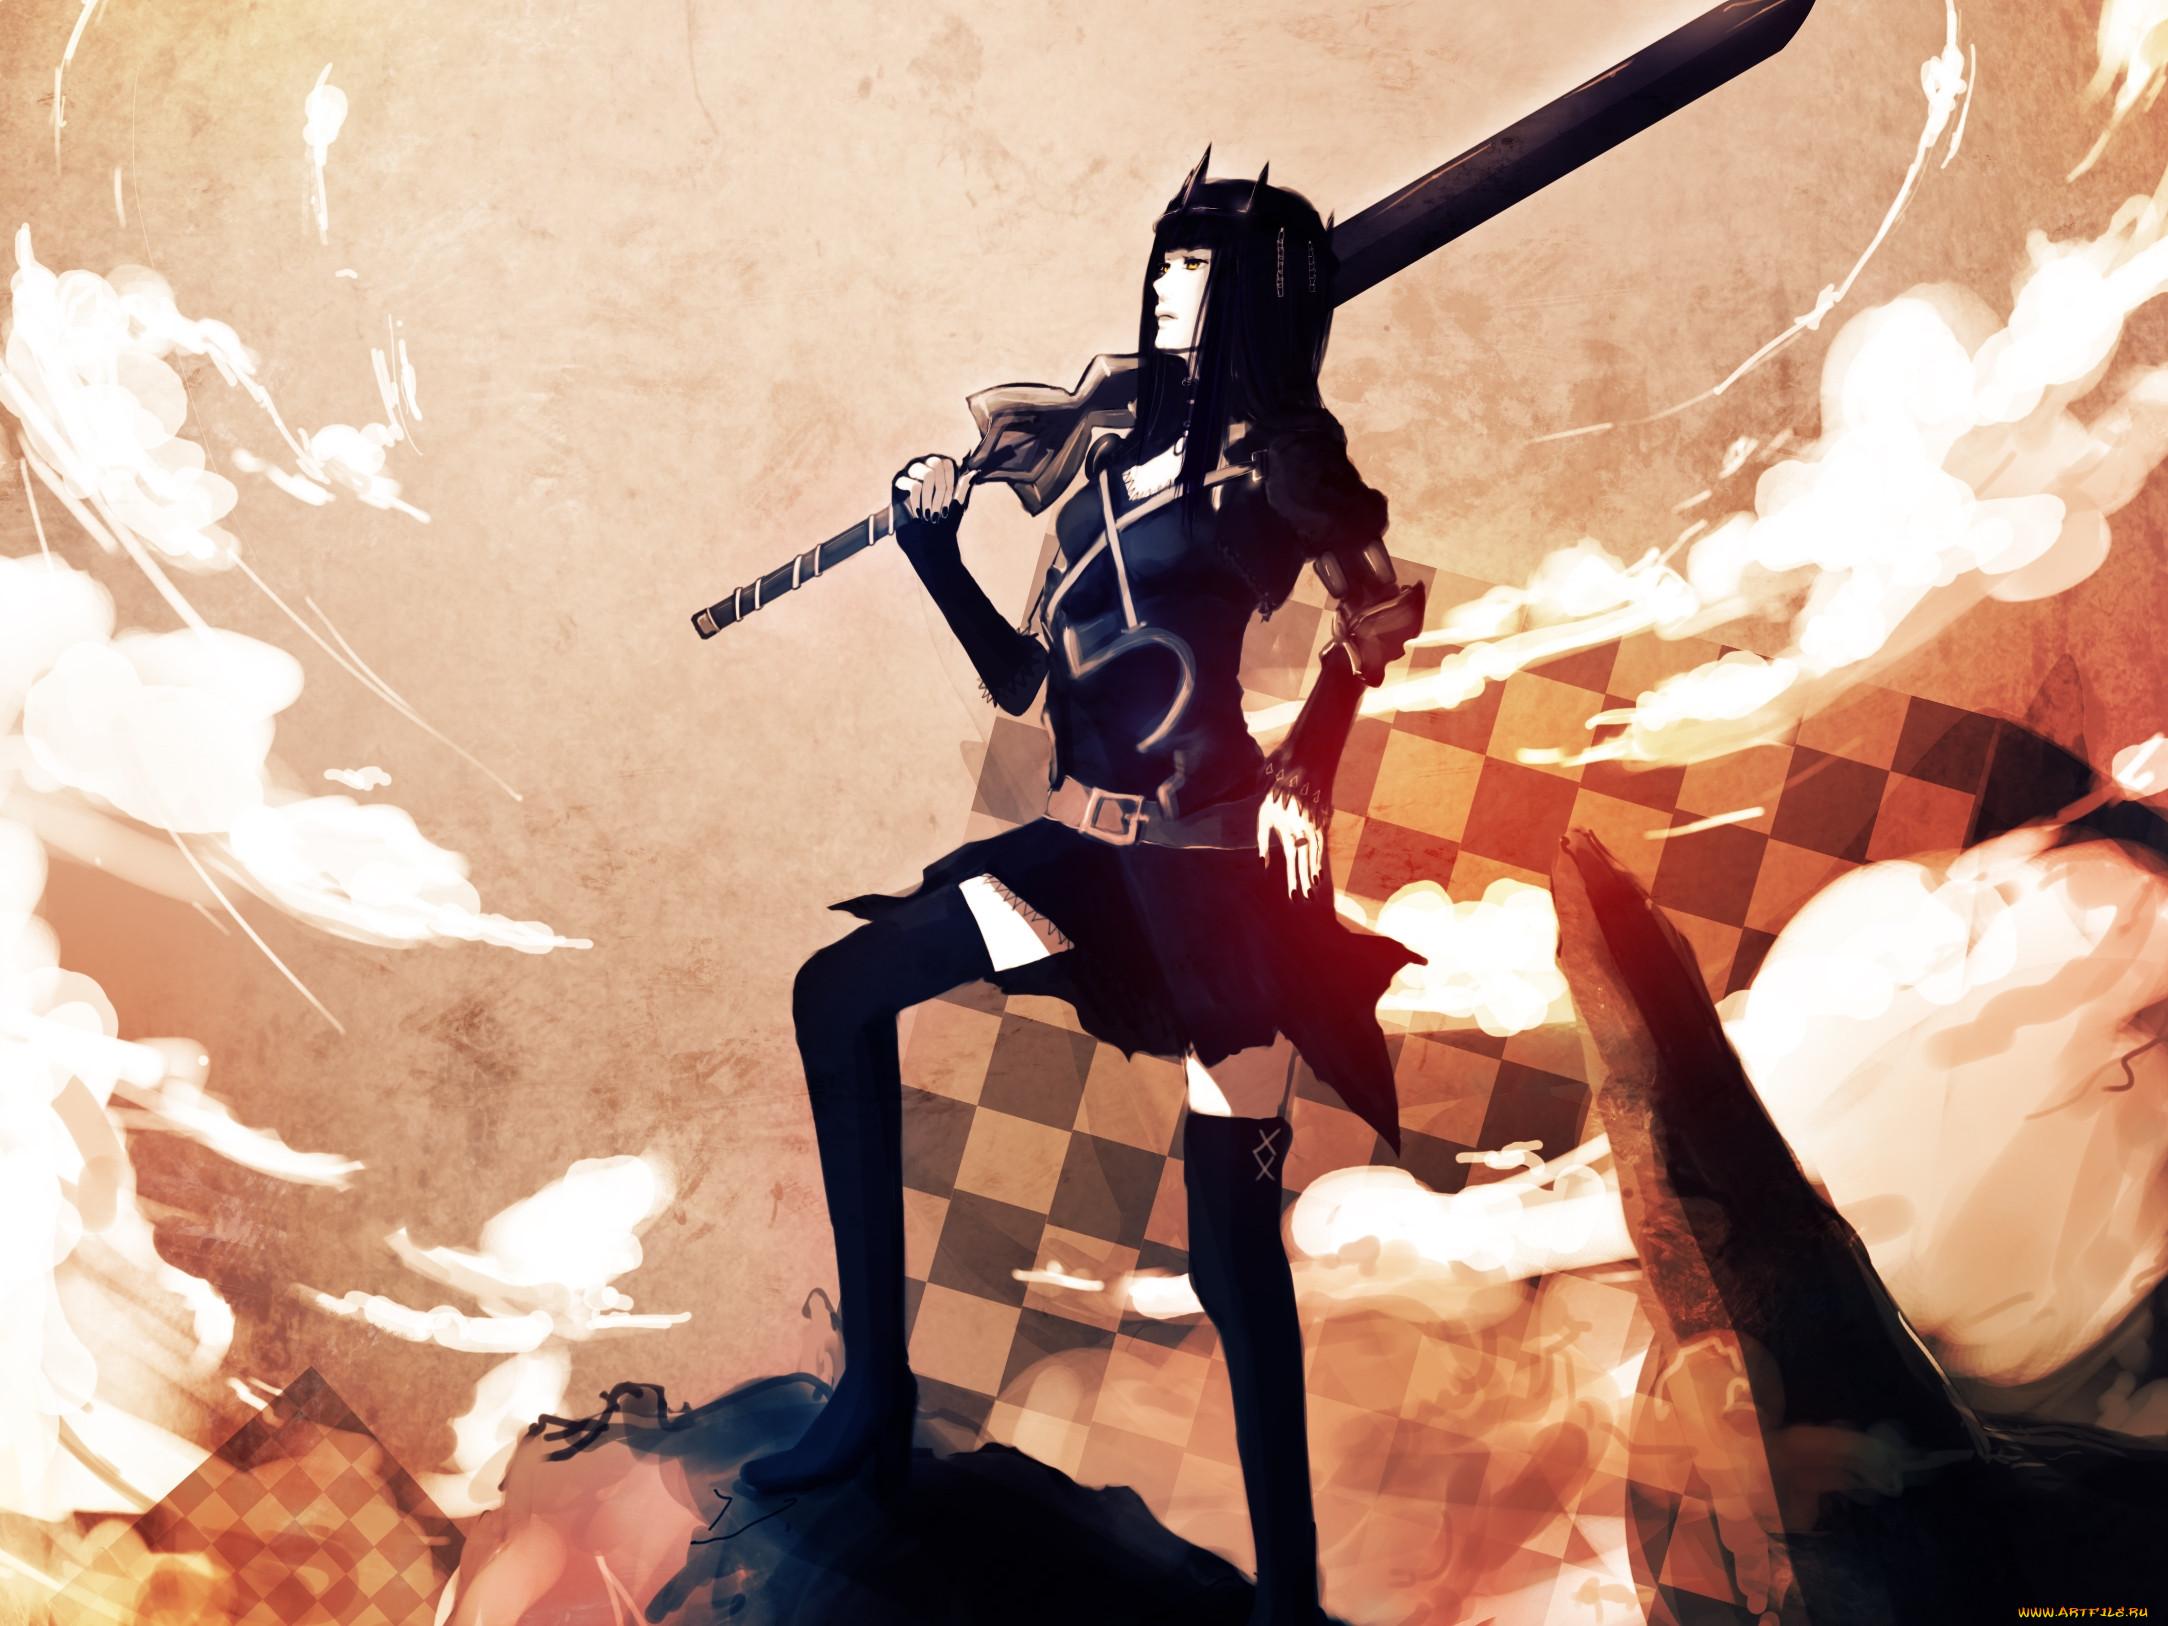 Скачать Стрелок с Черной горы, девушка, меч, скалы, корона, фото, обои